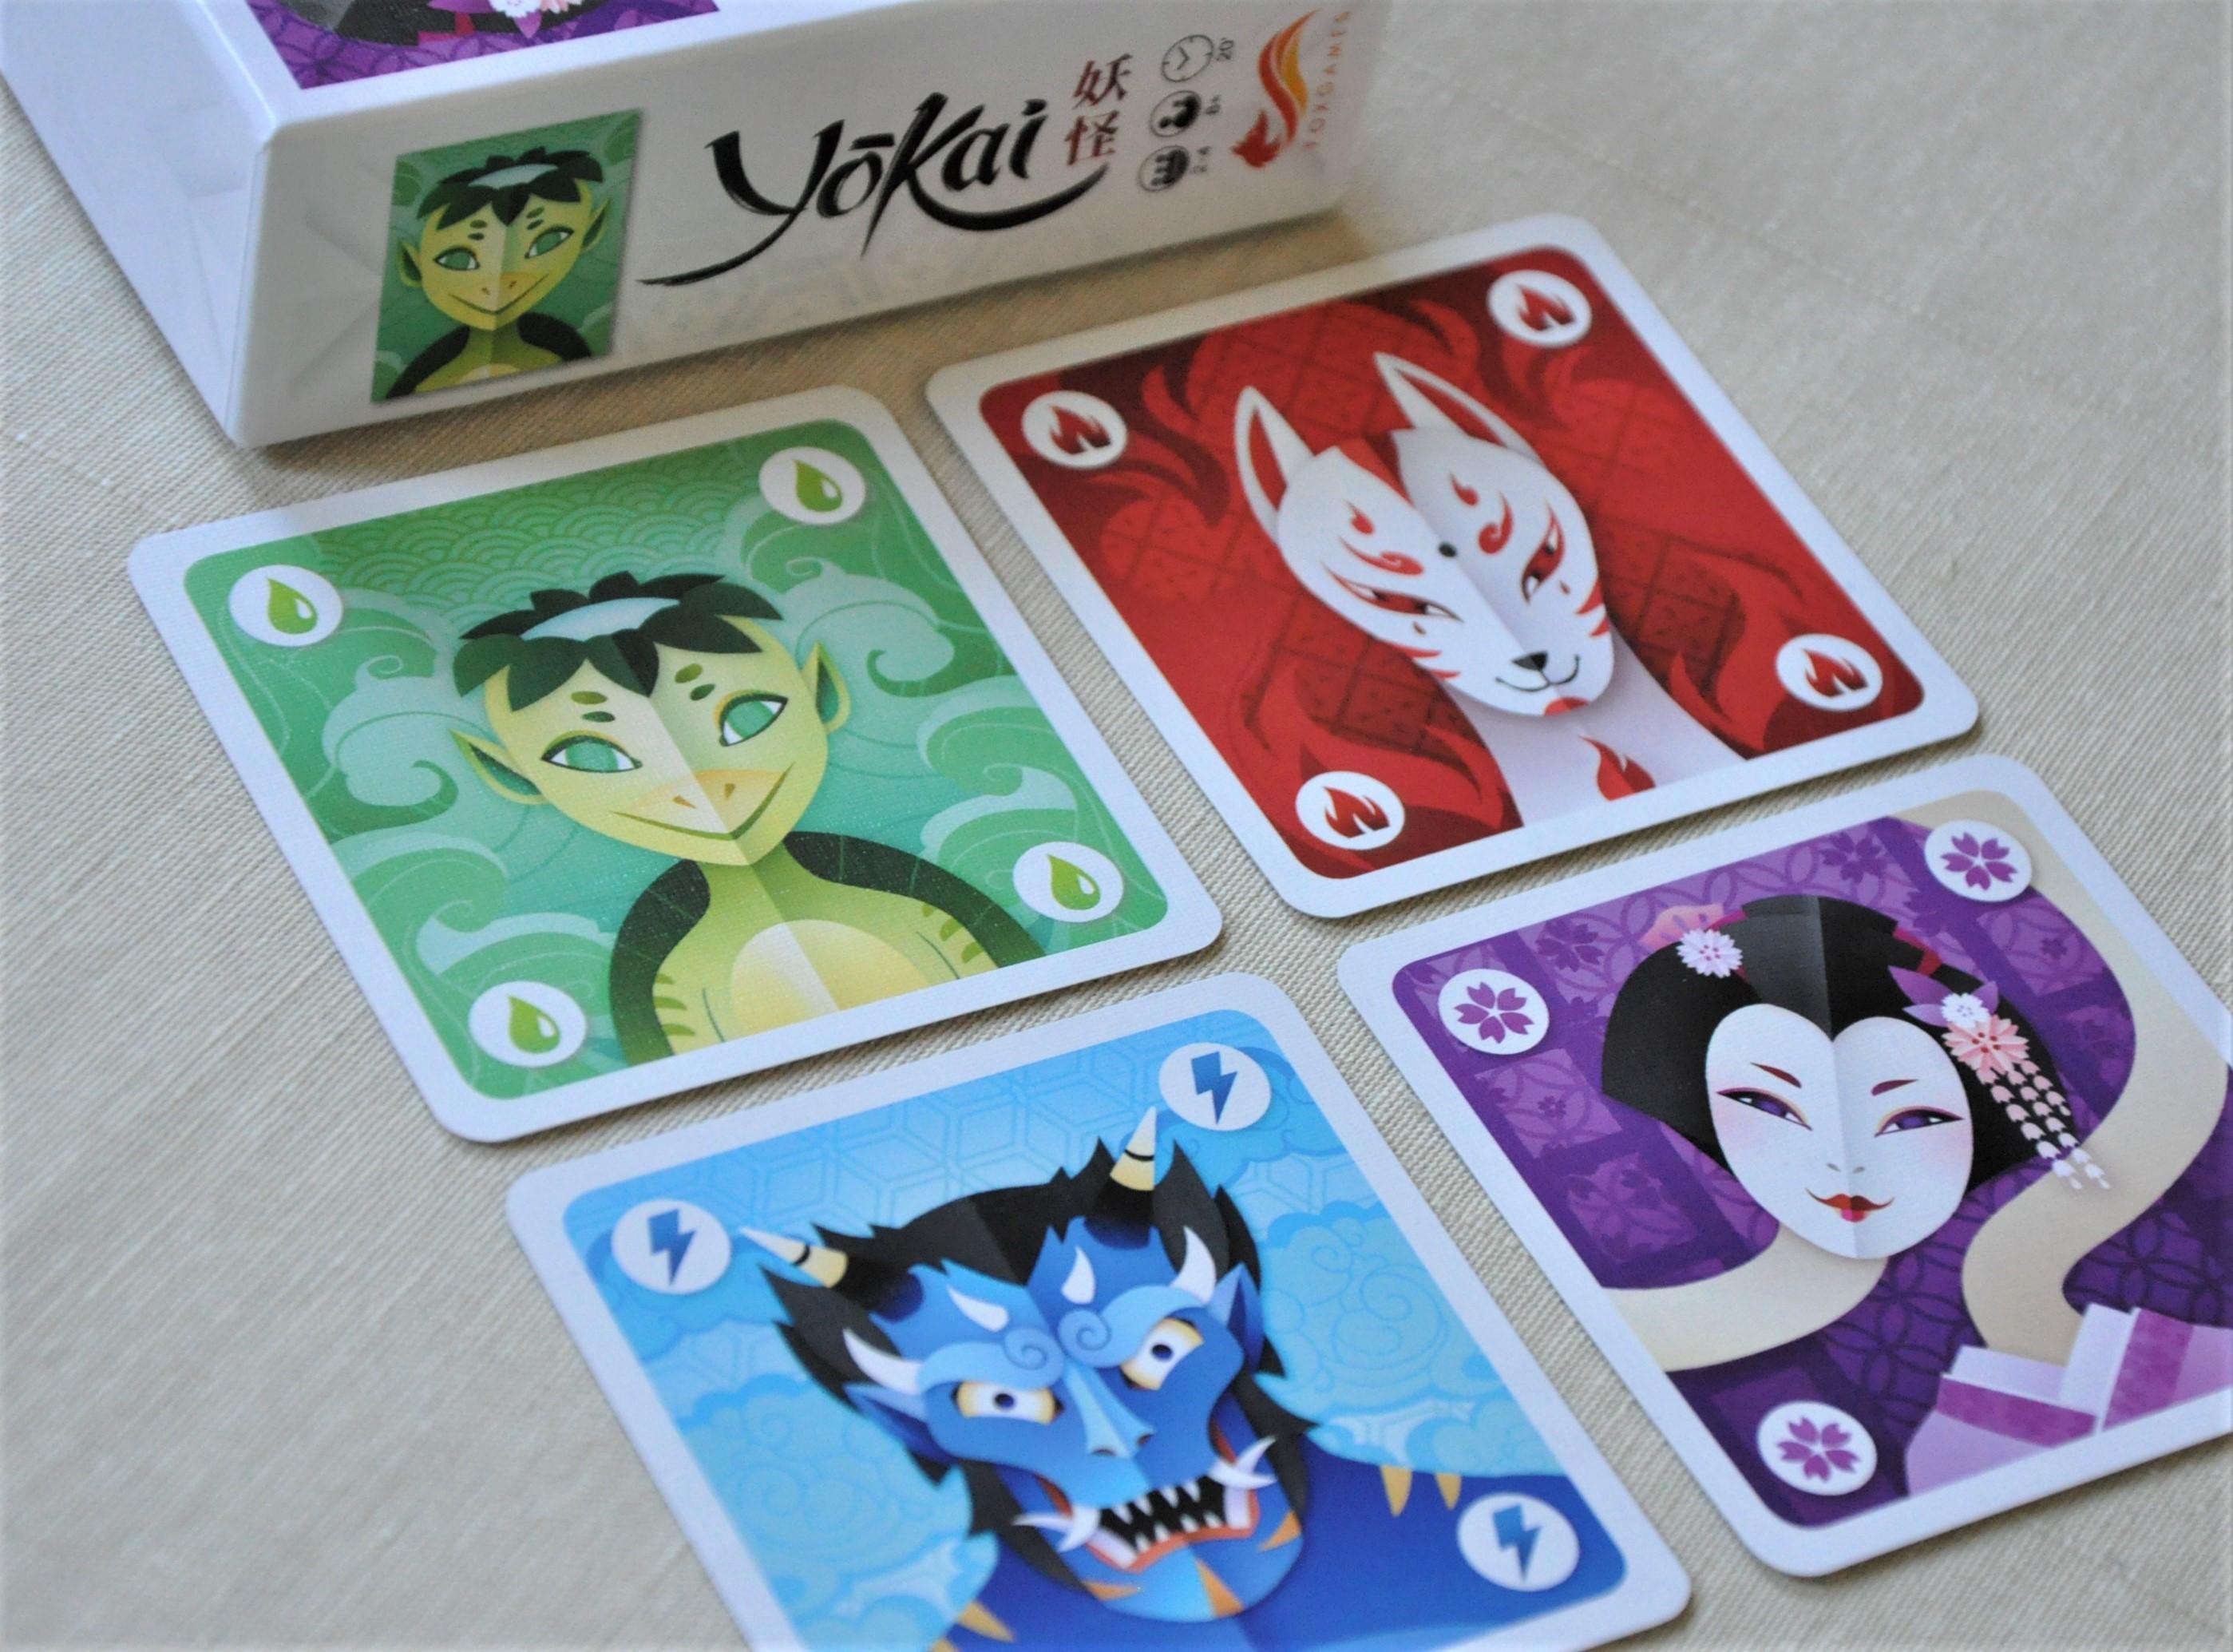 Karty przedstawiające 4 rodziny Yokai